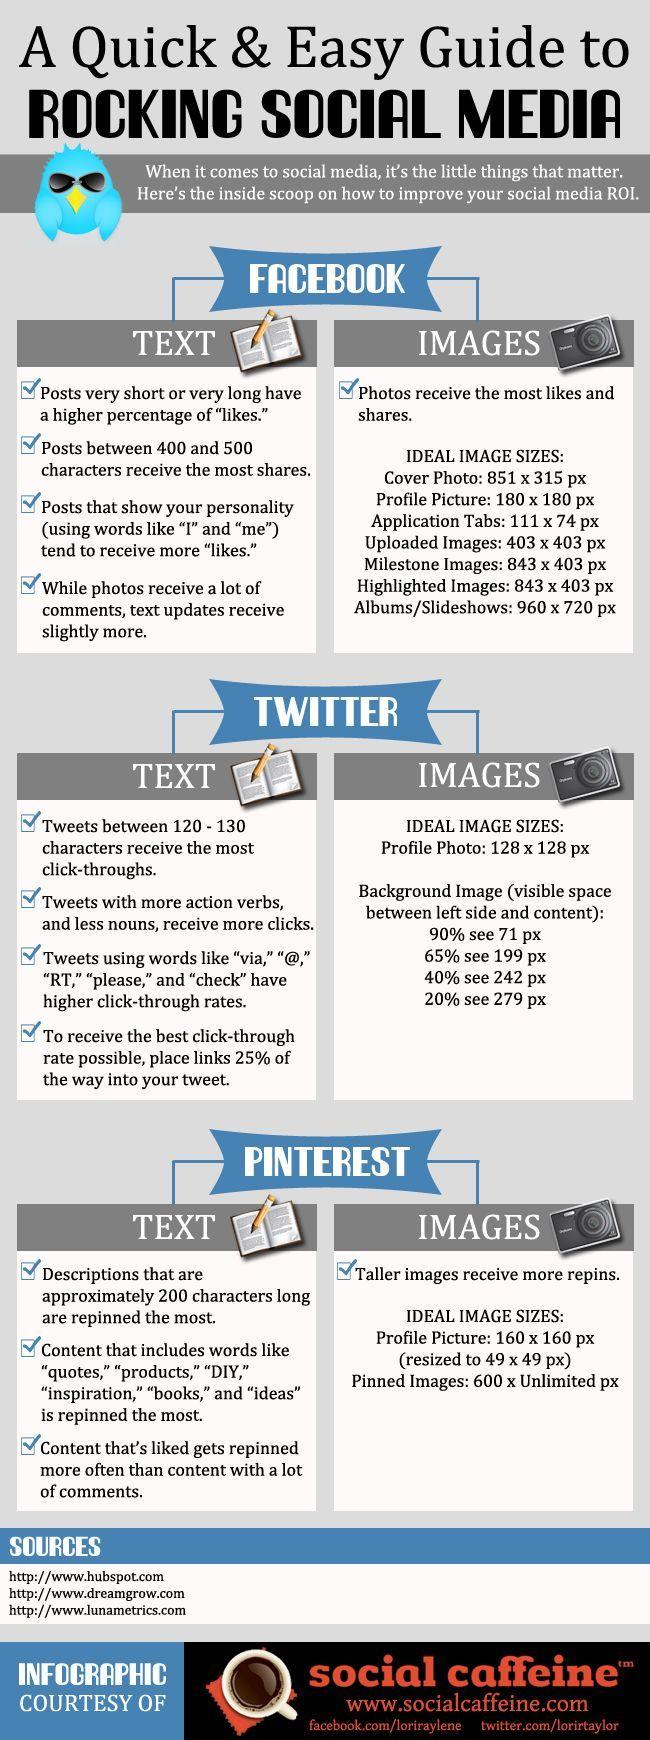 Consejos para mejorar tu presencia en Twitter, Facebook y Pinterest. #infiografía